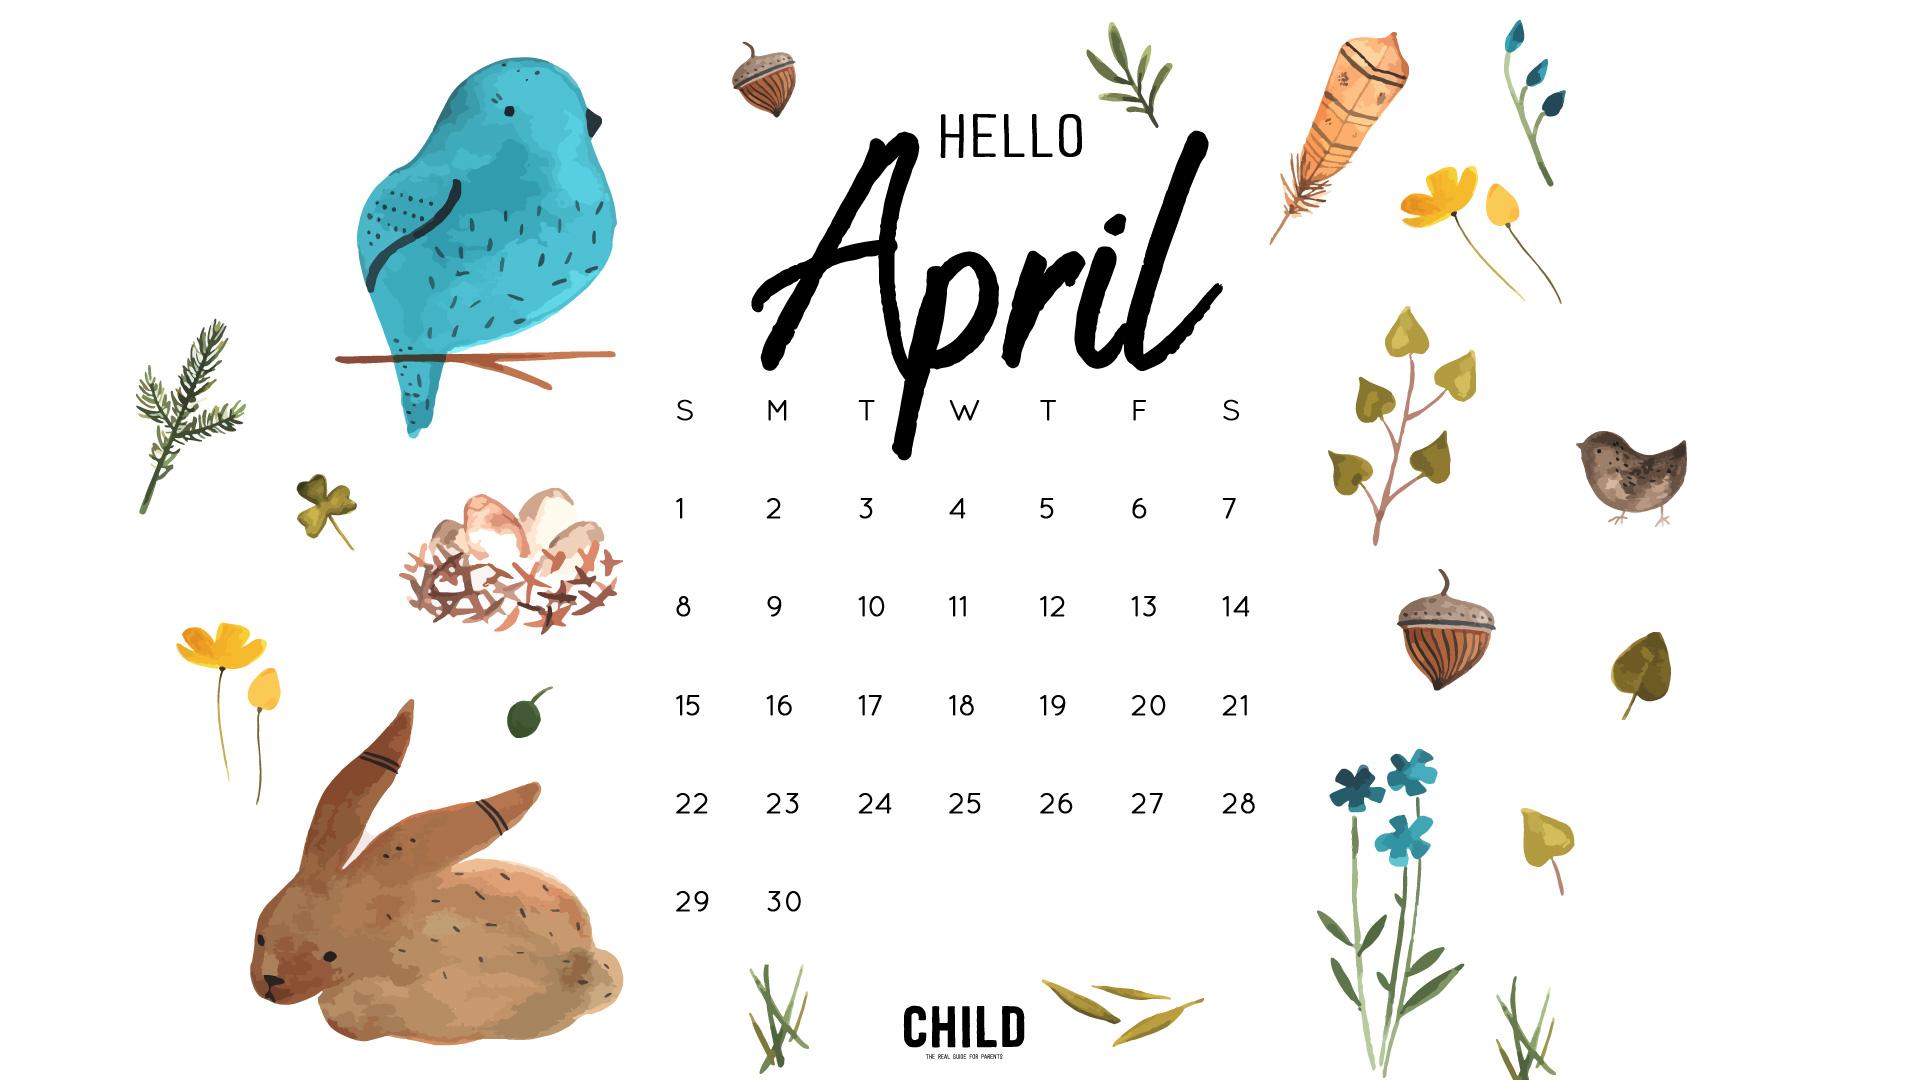 2018 april calendar clipart picture transparent download Free April Calendar Wallpaper picture transparent download